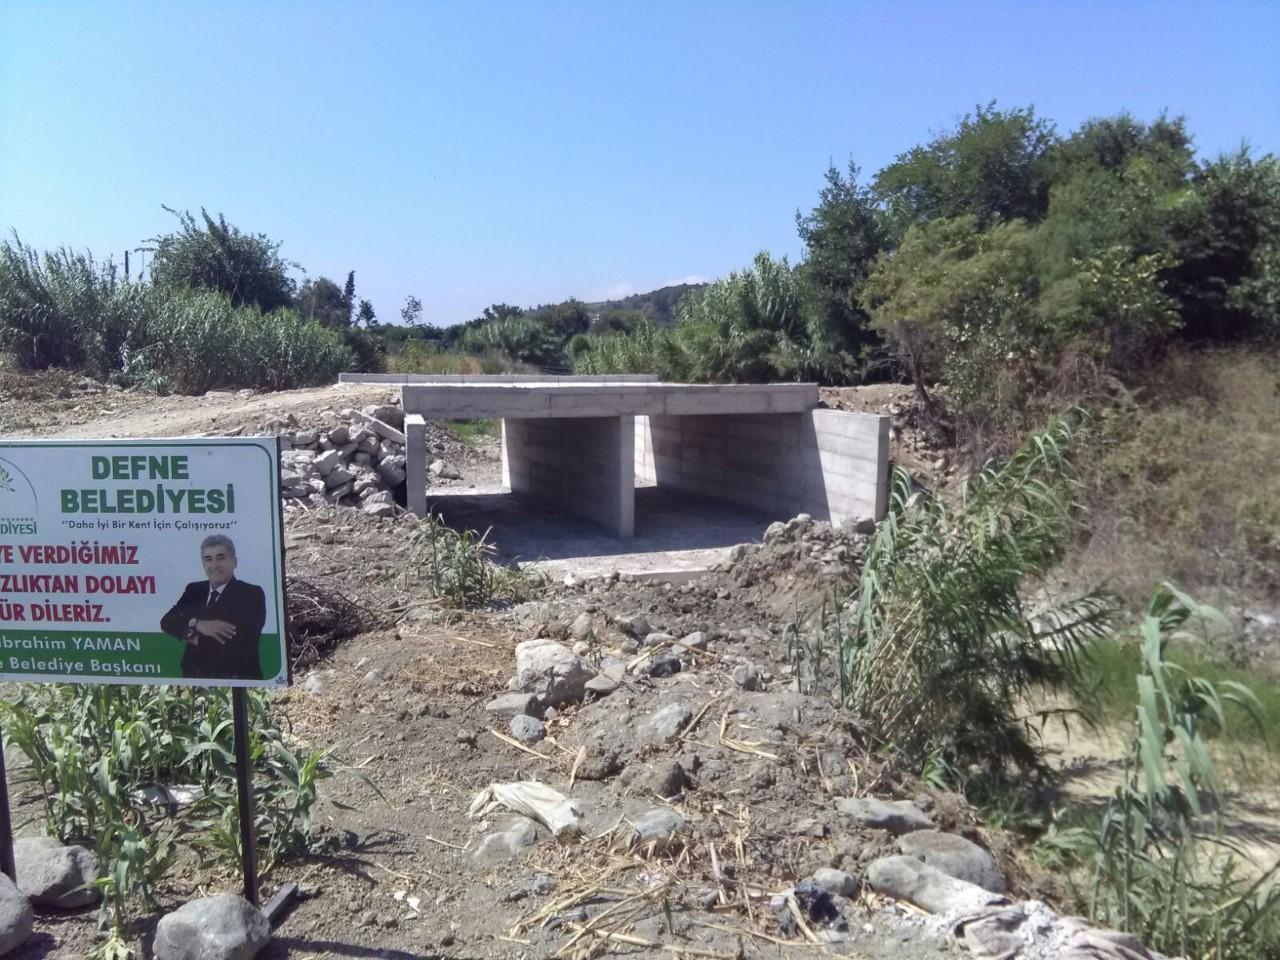 Toygarlı Deresi'nde yapımı süren köprüde sona geliniyor